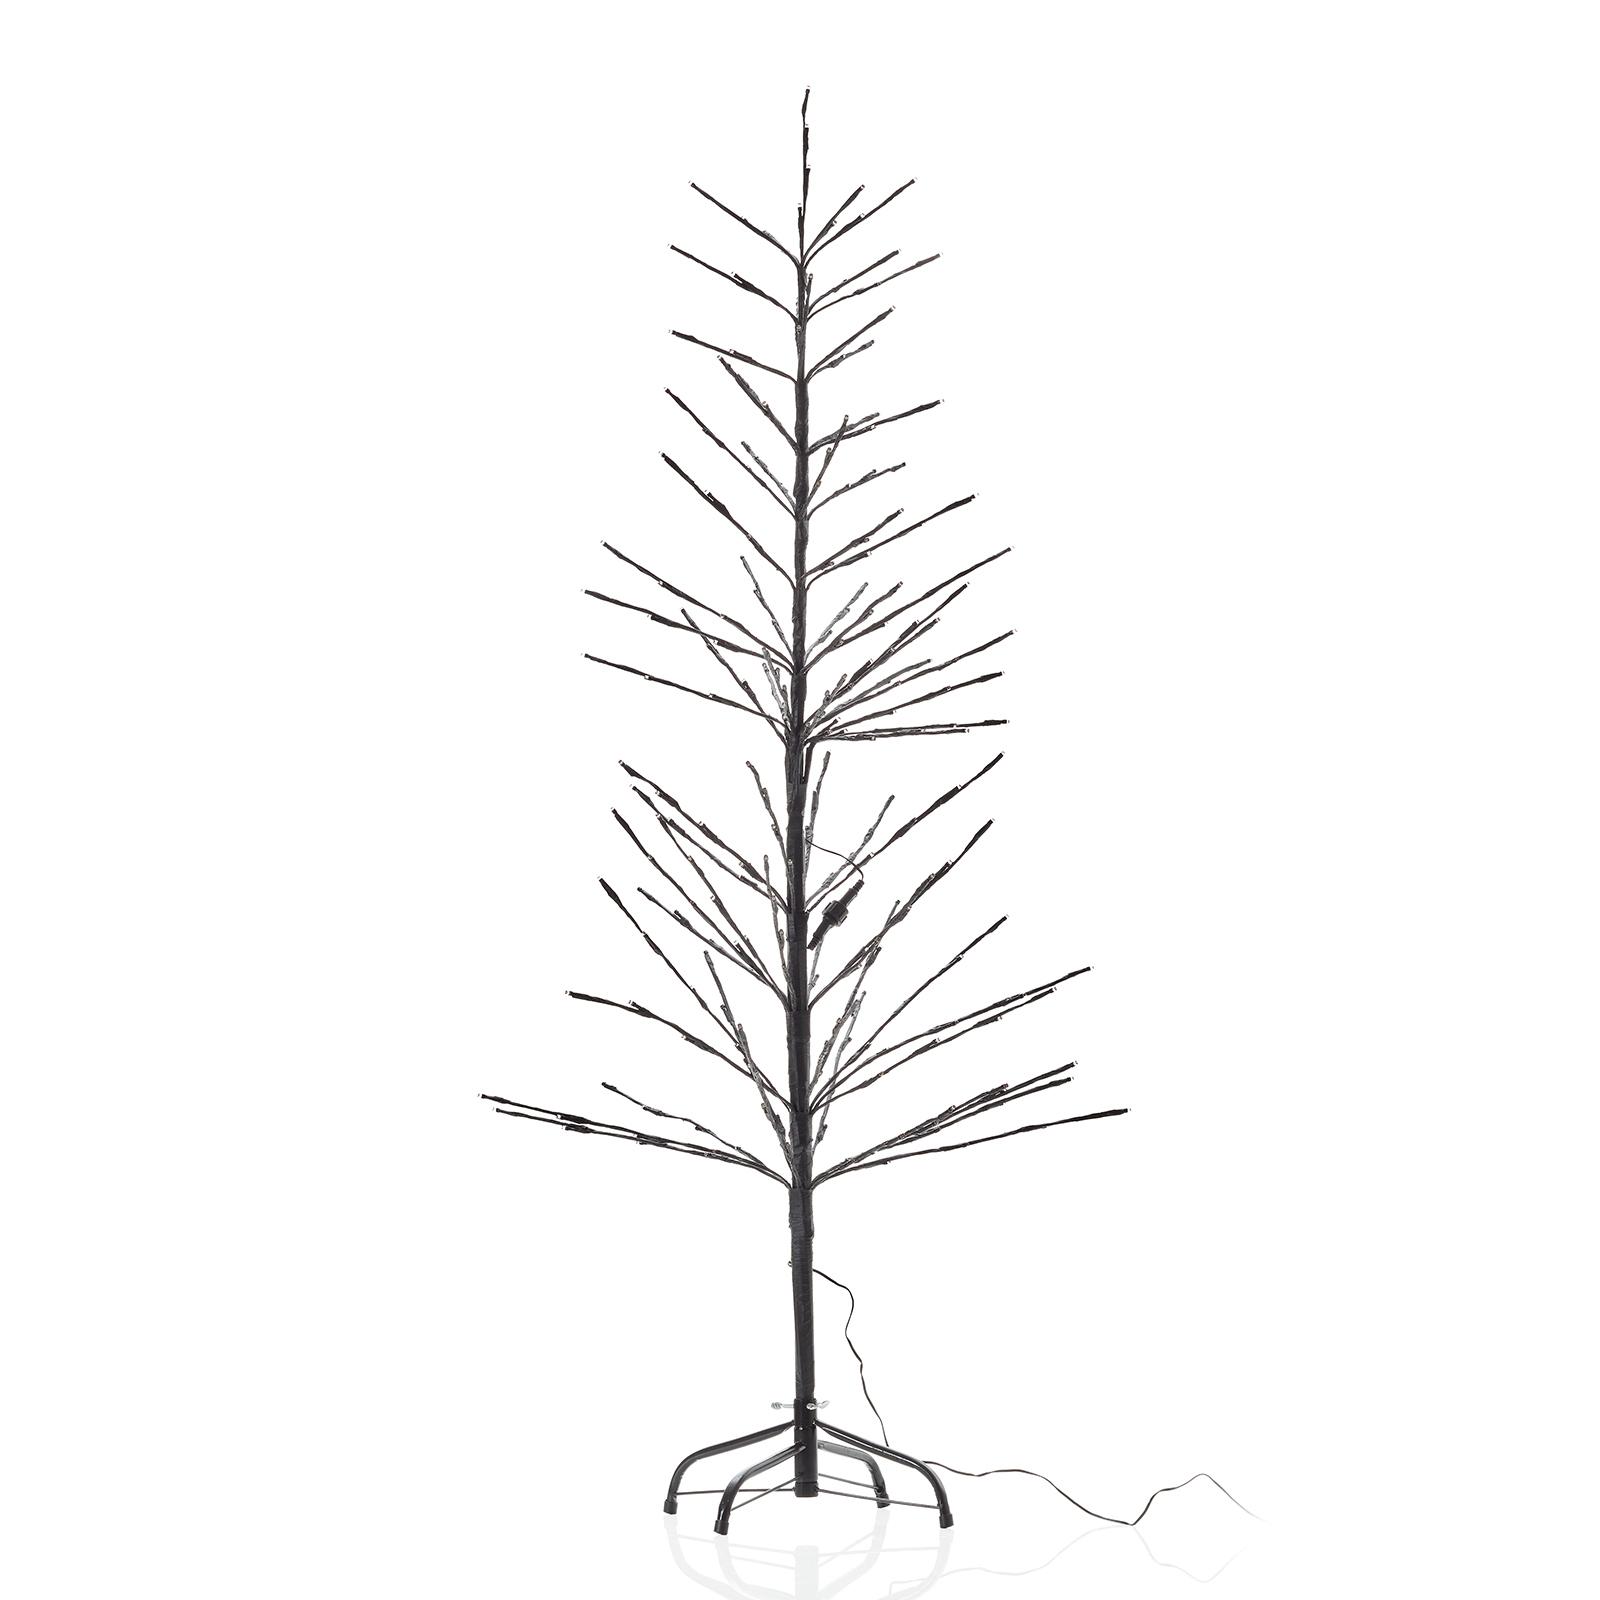 LED-Lichterbaum, schwarz, 150 cm